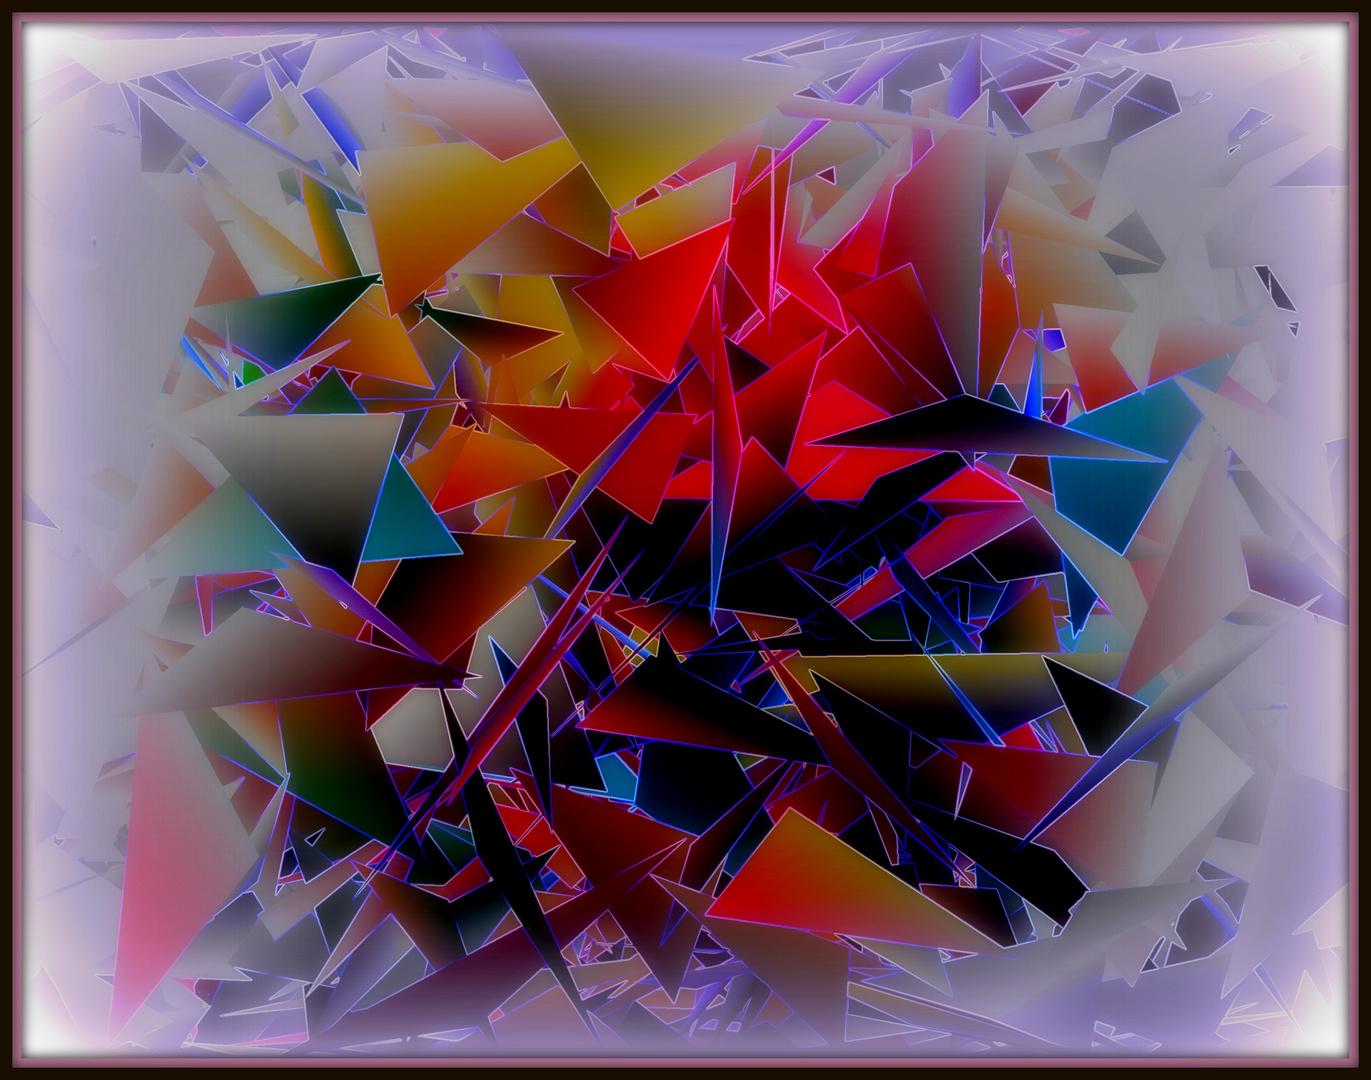 esplosione nella mente